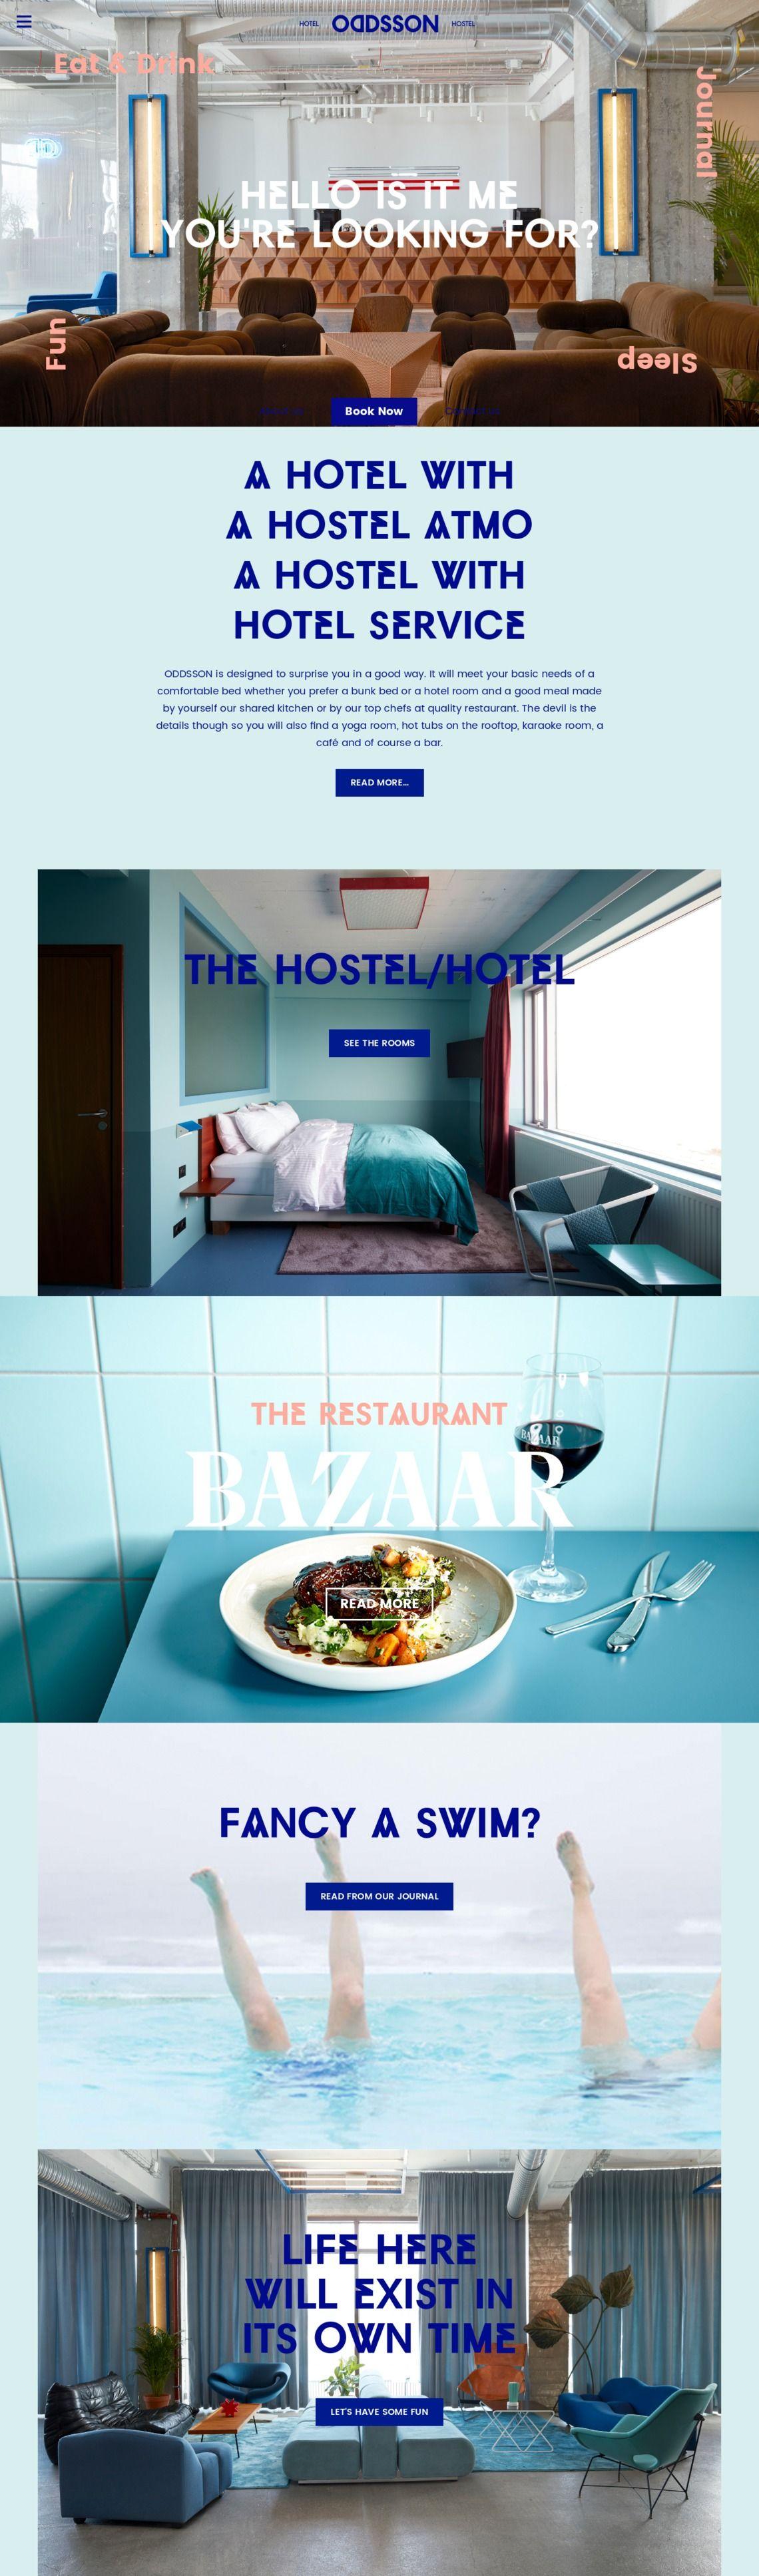 ODDSSON hostel Reykjavik, Iceland. An odd ho(s)tel indeed ...